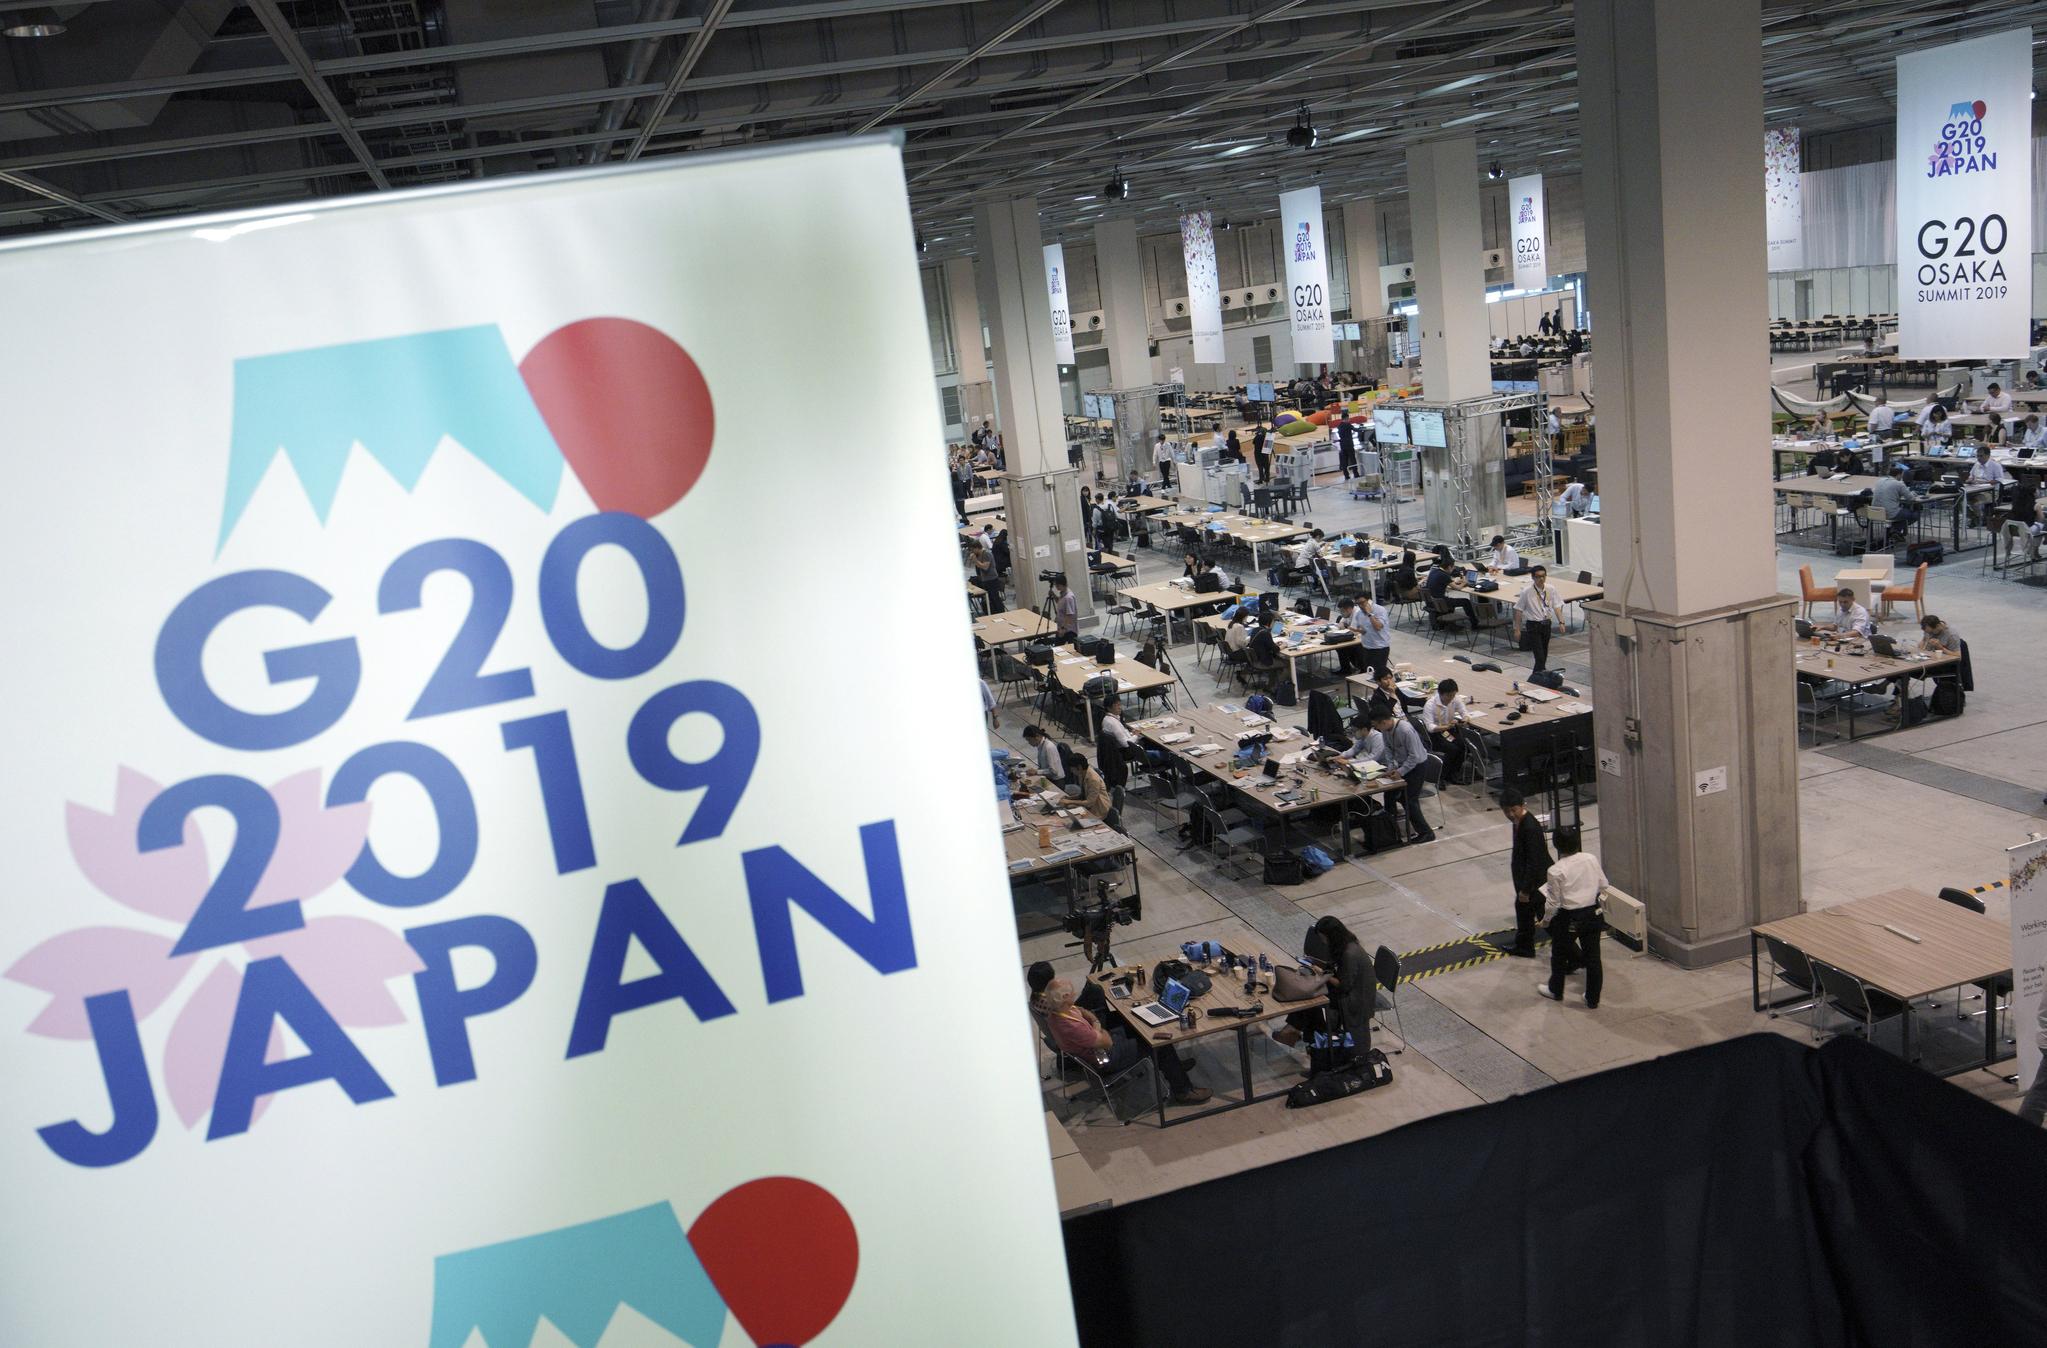 국제종합전시장인 인텍스(Intex) 오사카 내 G20 미디어 센터에서 취재진들이 분주하게 움직이고 있다. [AP=연합뉴스]